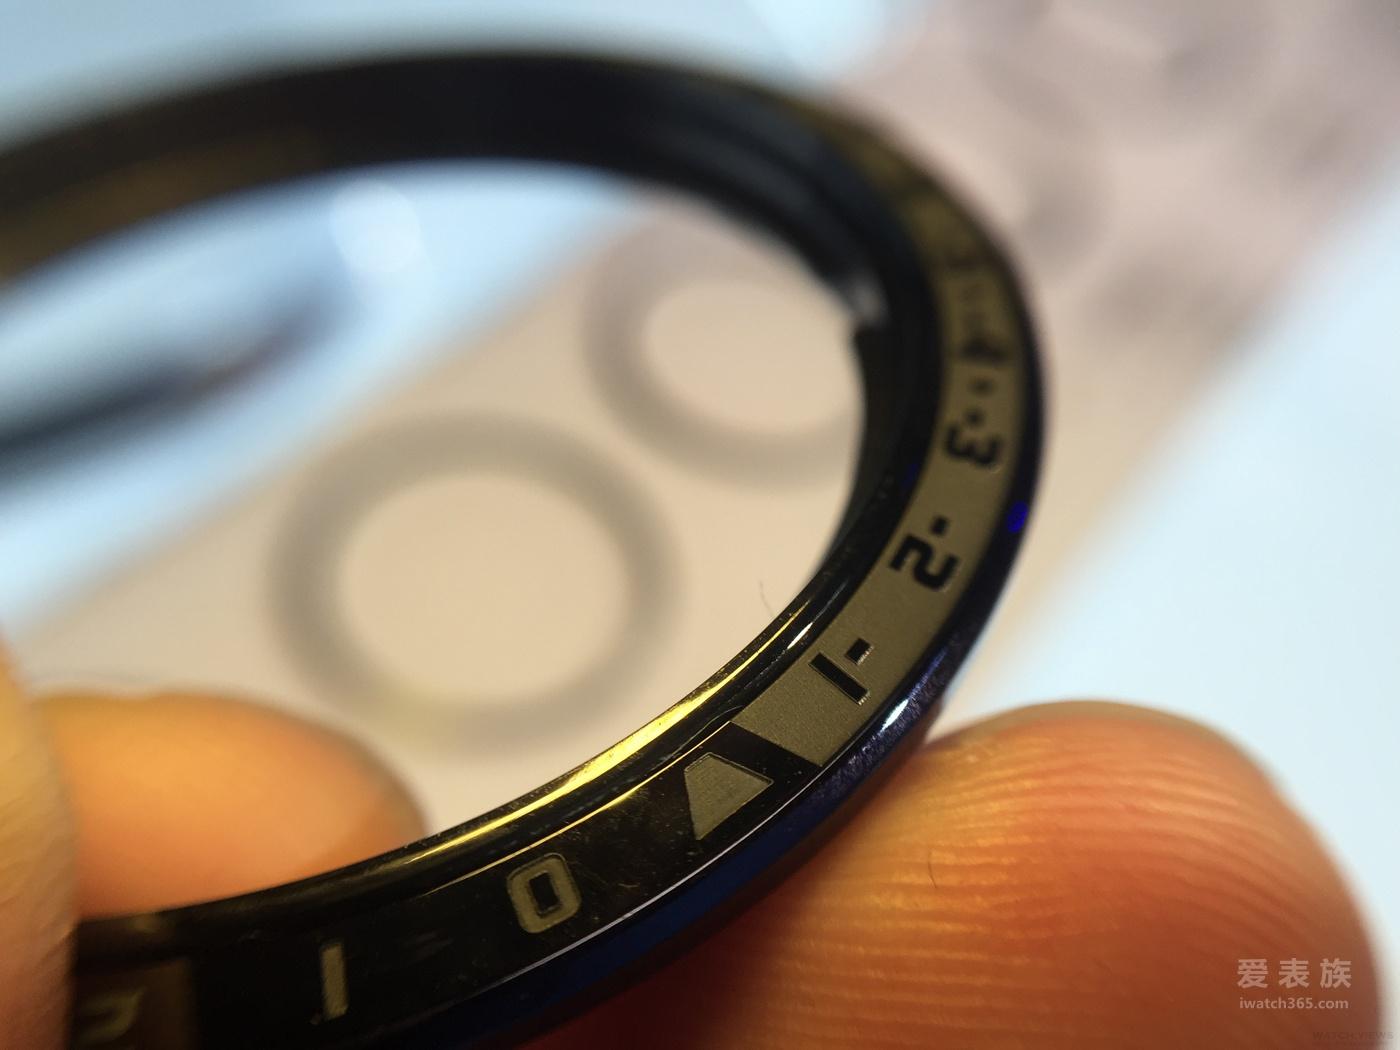 日本传统技艺「纹纱涂」概念下的先进时计:卡西欧全新Oceanus OCW-G1200腕表